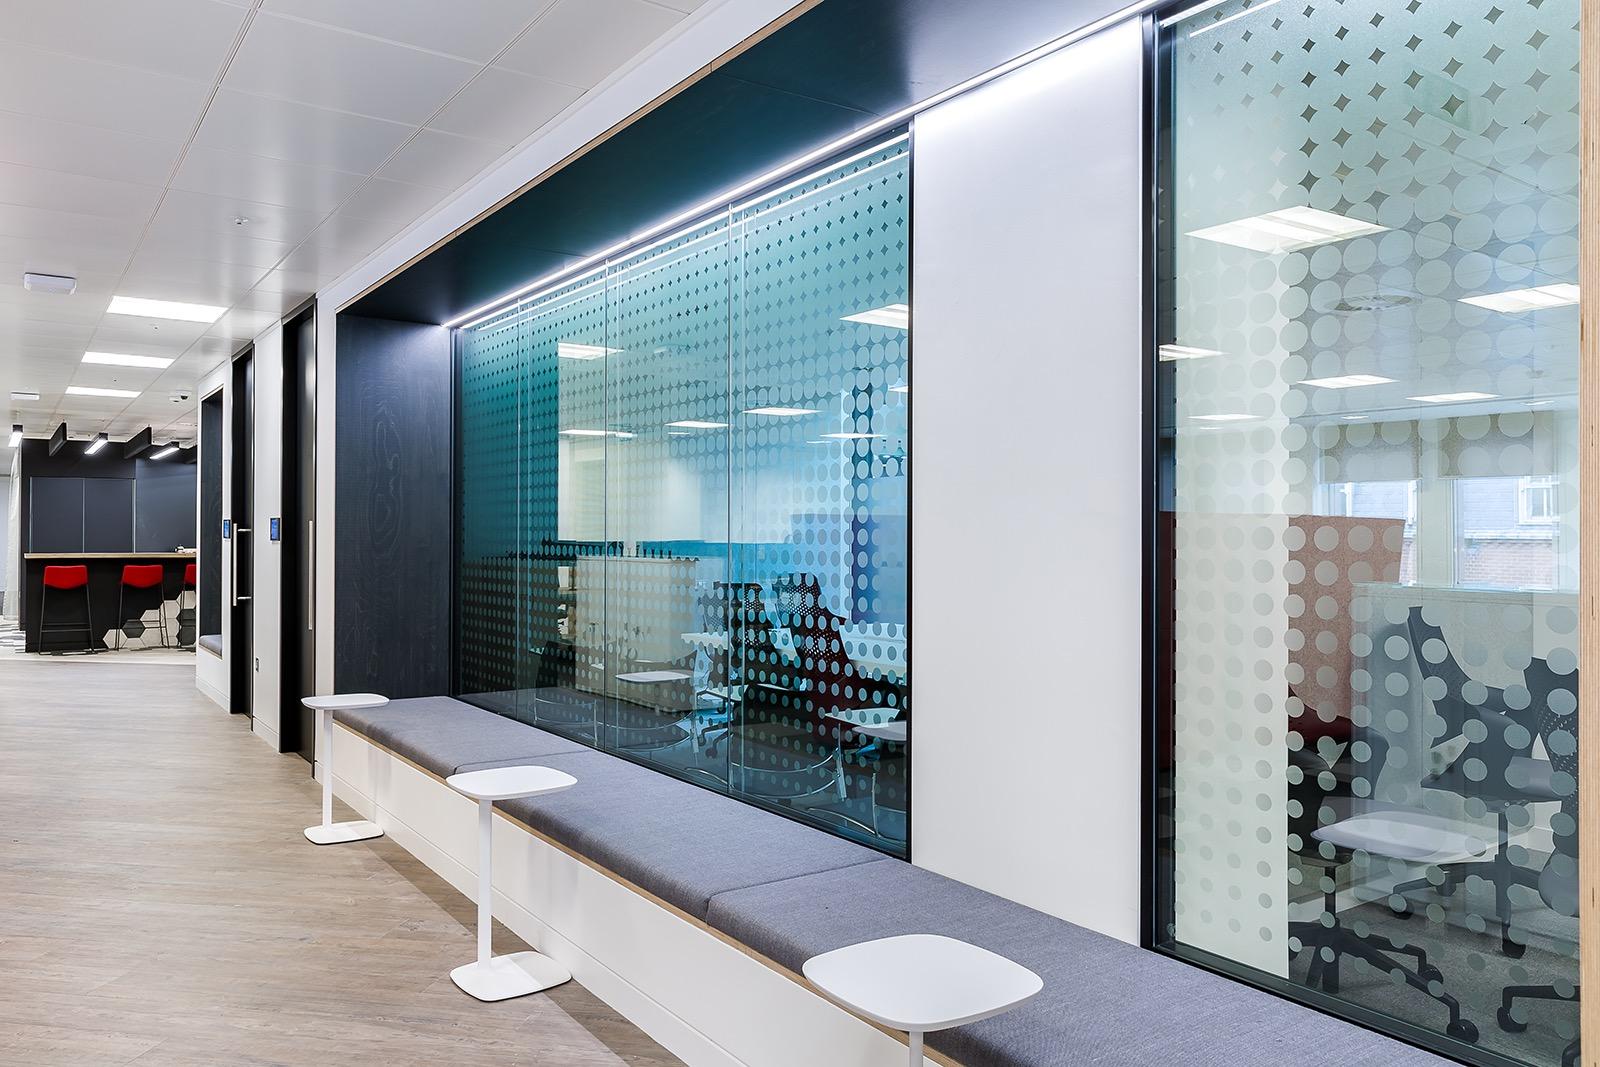 rakuten-office-london-5